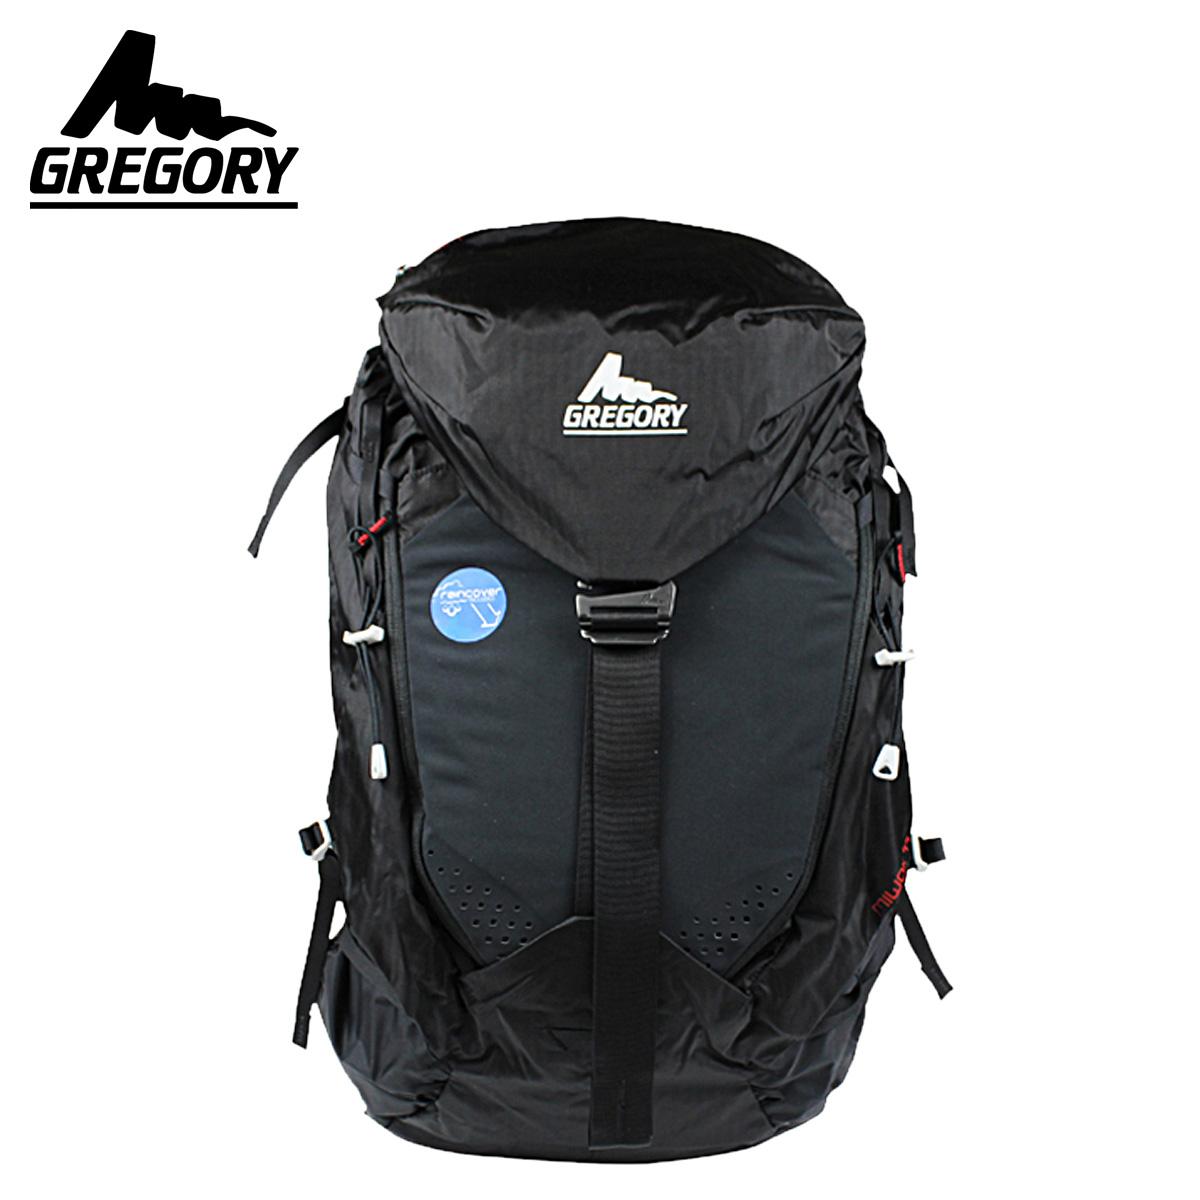 双点格雷戈里 · 格雷戈里背包背包男装 44 L 户外攀岩股票米沃克米沃克 44 风暴黑色背包 [真正]